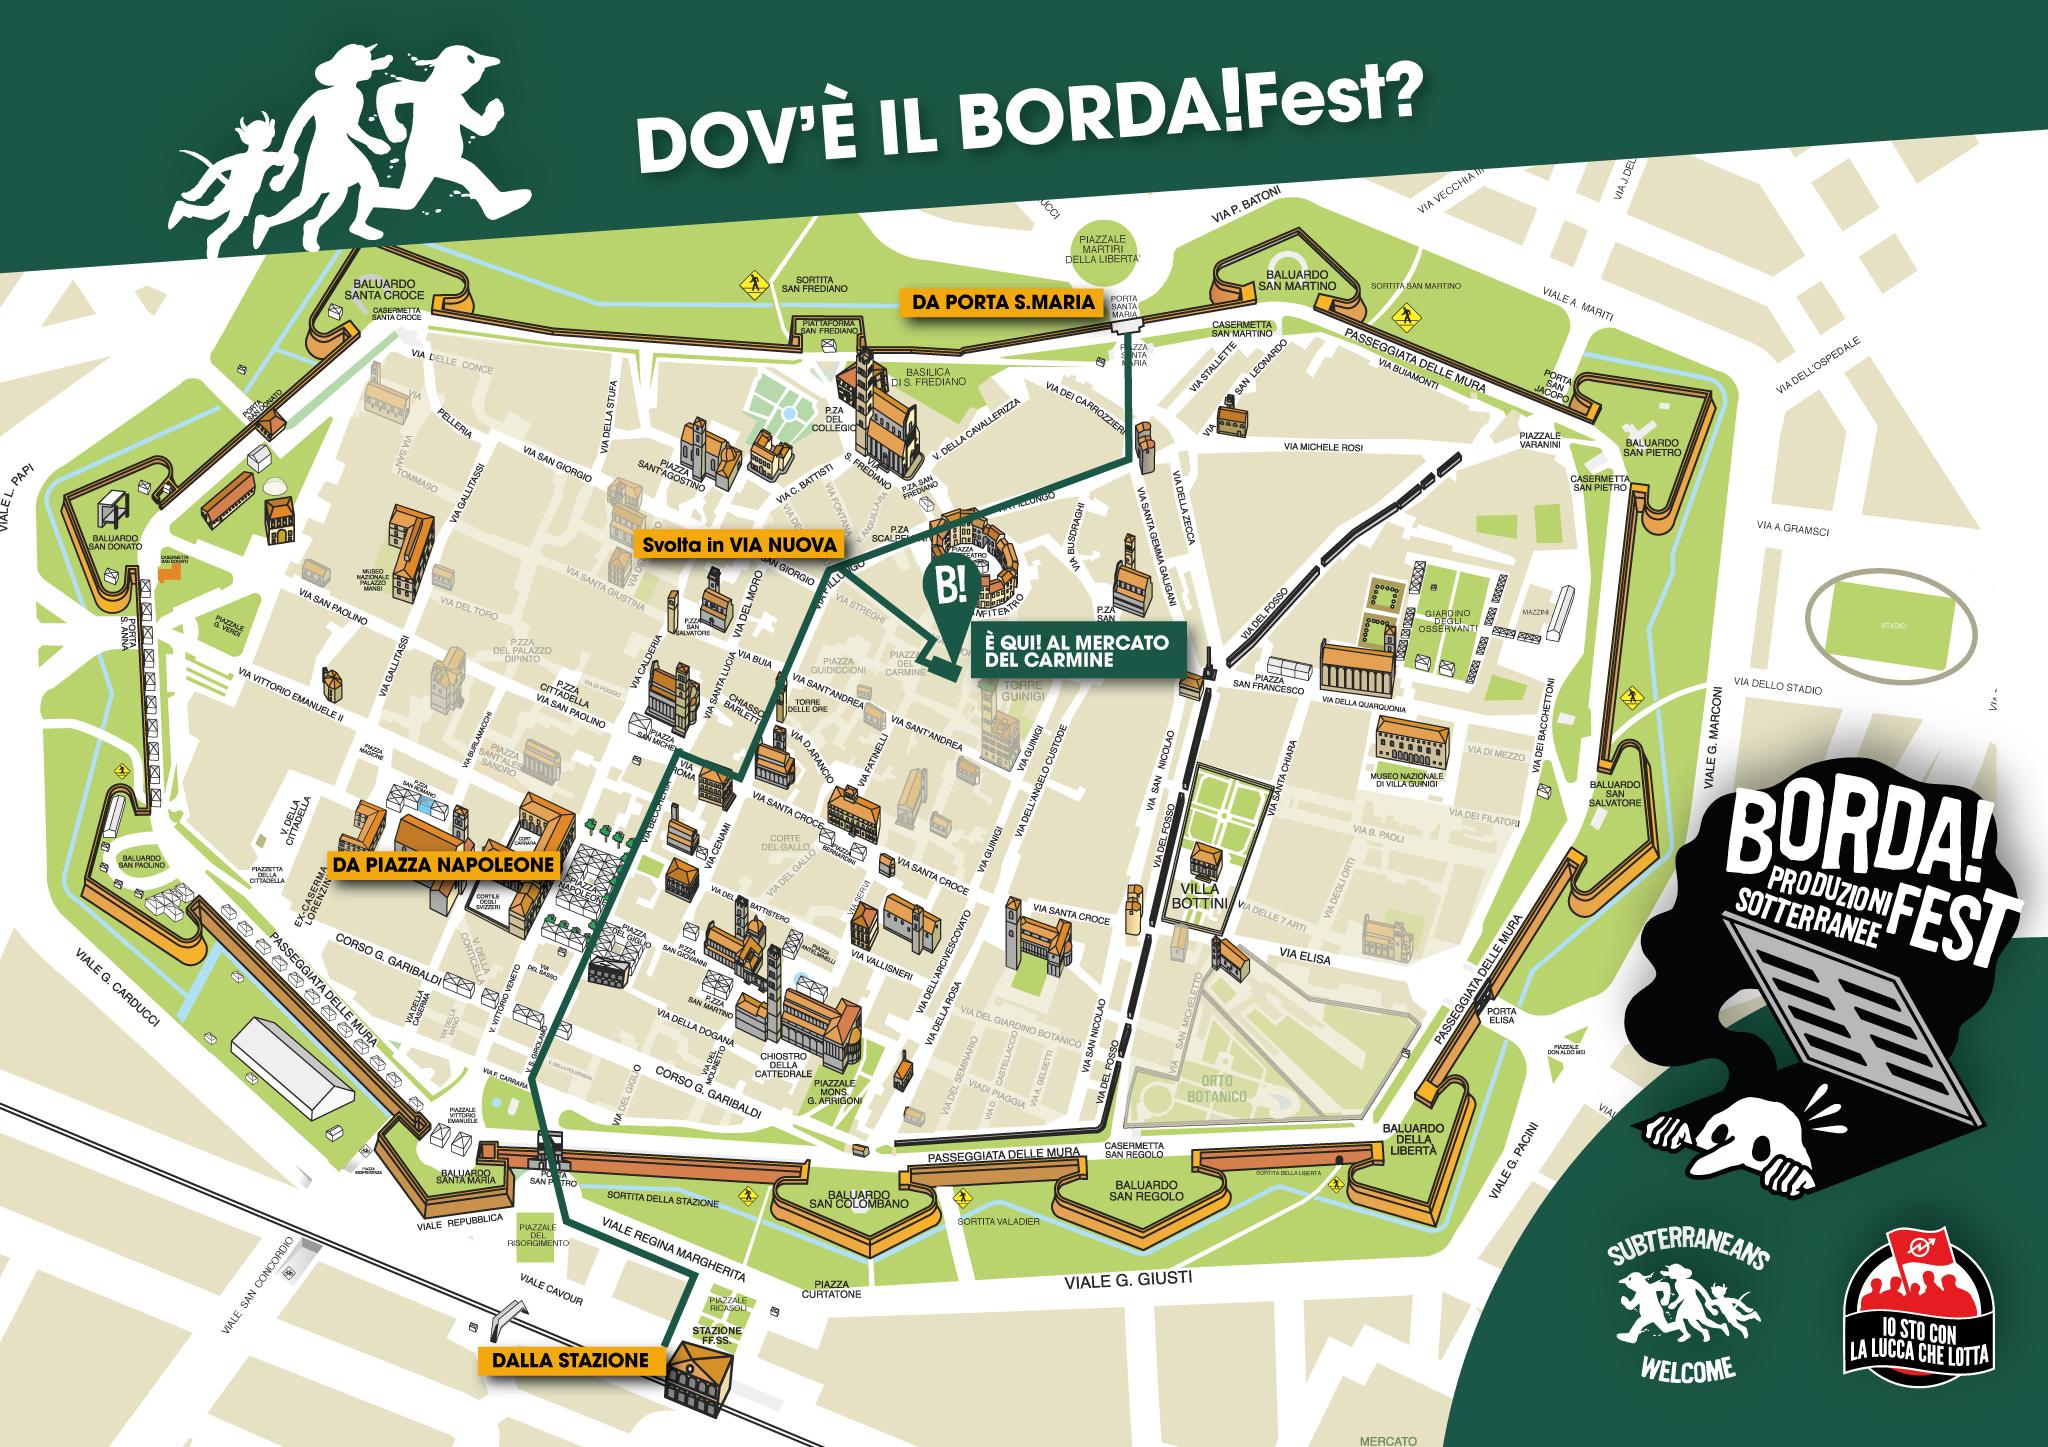 BORDA!Fest 2015 MAPPA